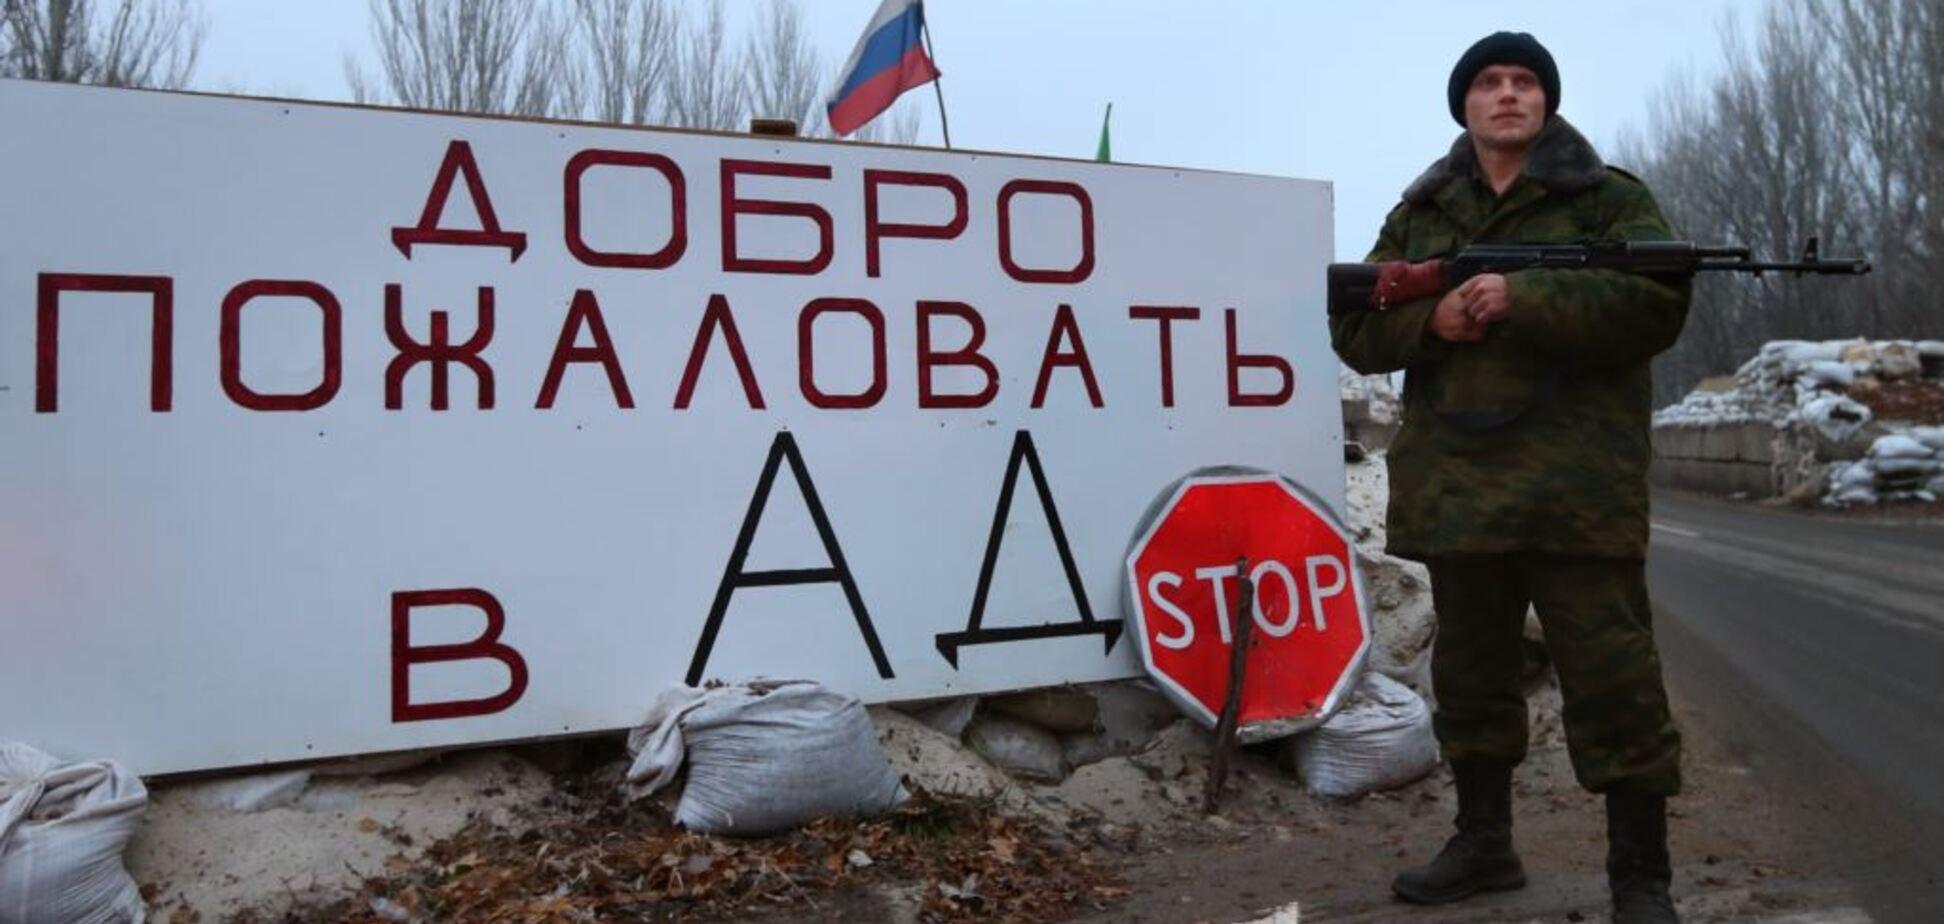 Более 80 ликвидированных: стало известно о серьезном успехе Объединенных сил на Донбассе